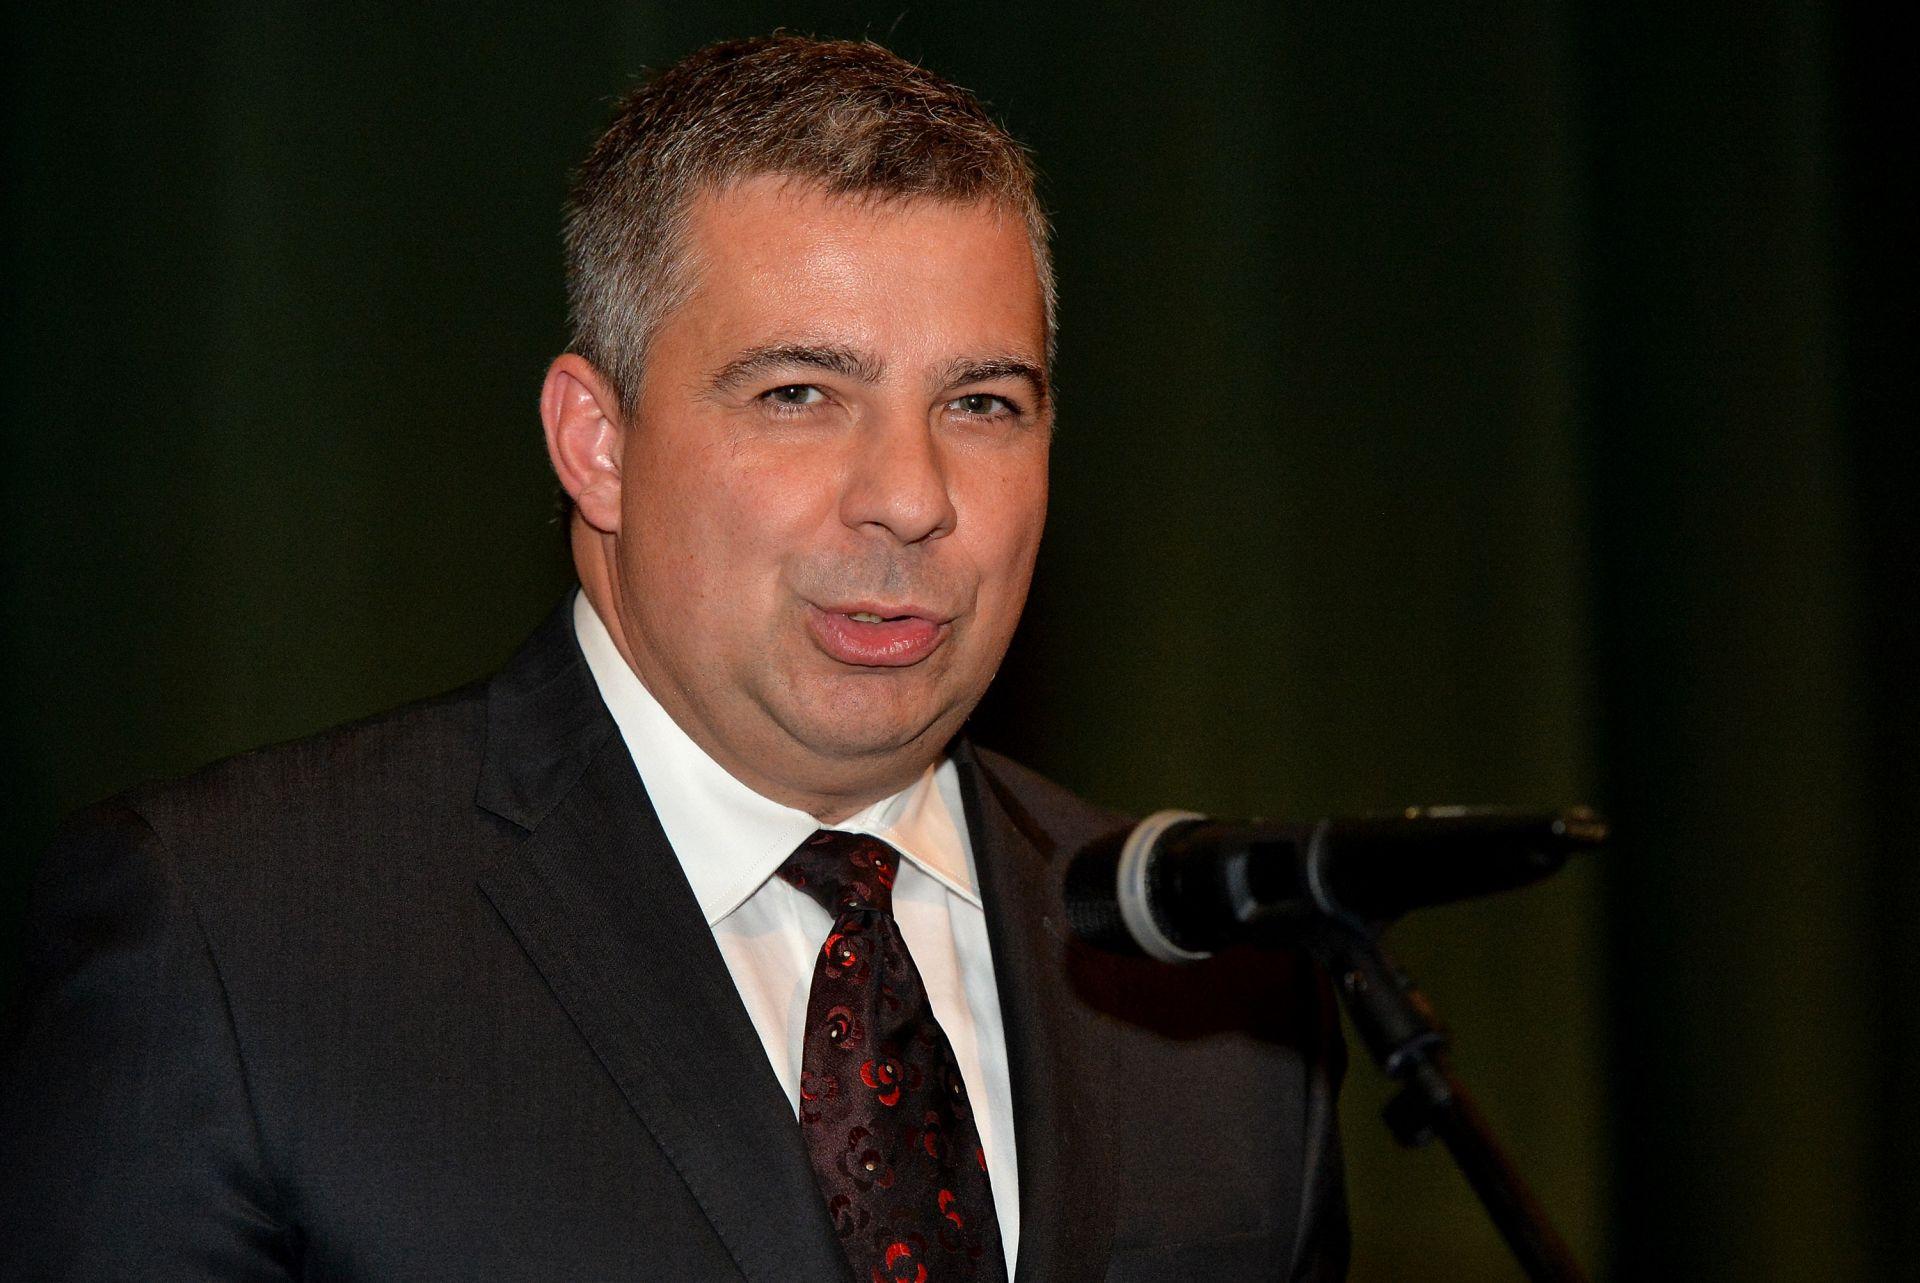 OGLASIO SE PREDSJEDNIK INE Zoltan Aldott: Uprava je fokusirana na biznis